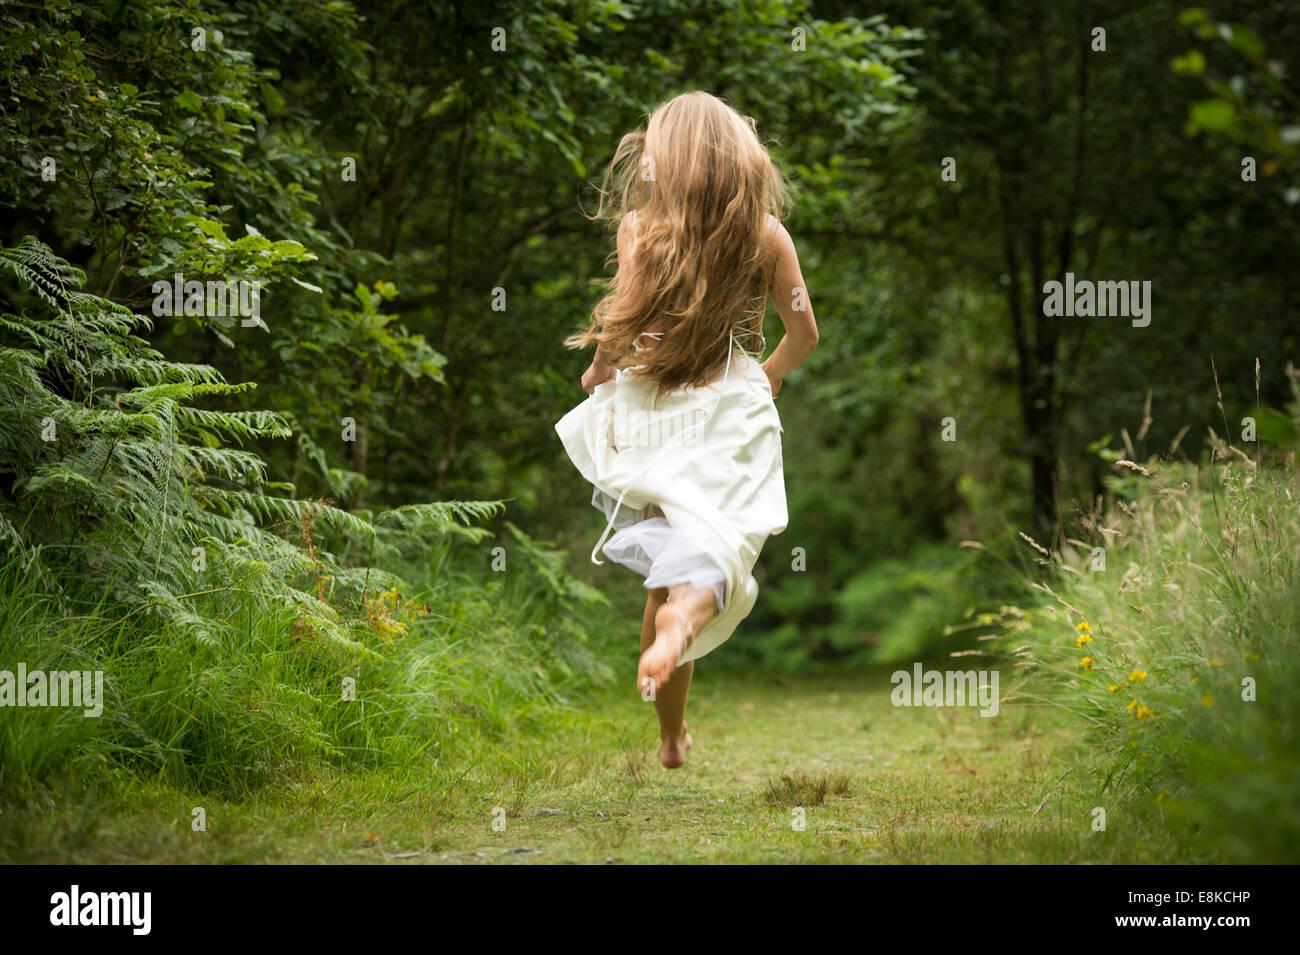 Runaway Bride, Ansicht von hinten von einem kaukasischen schlanke gesunde junge Frau Mädchen mit langen blonden Stockbild